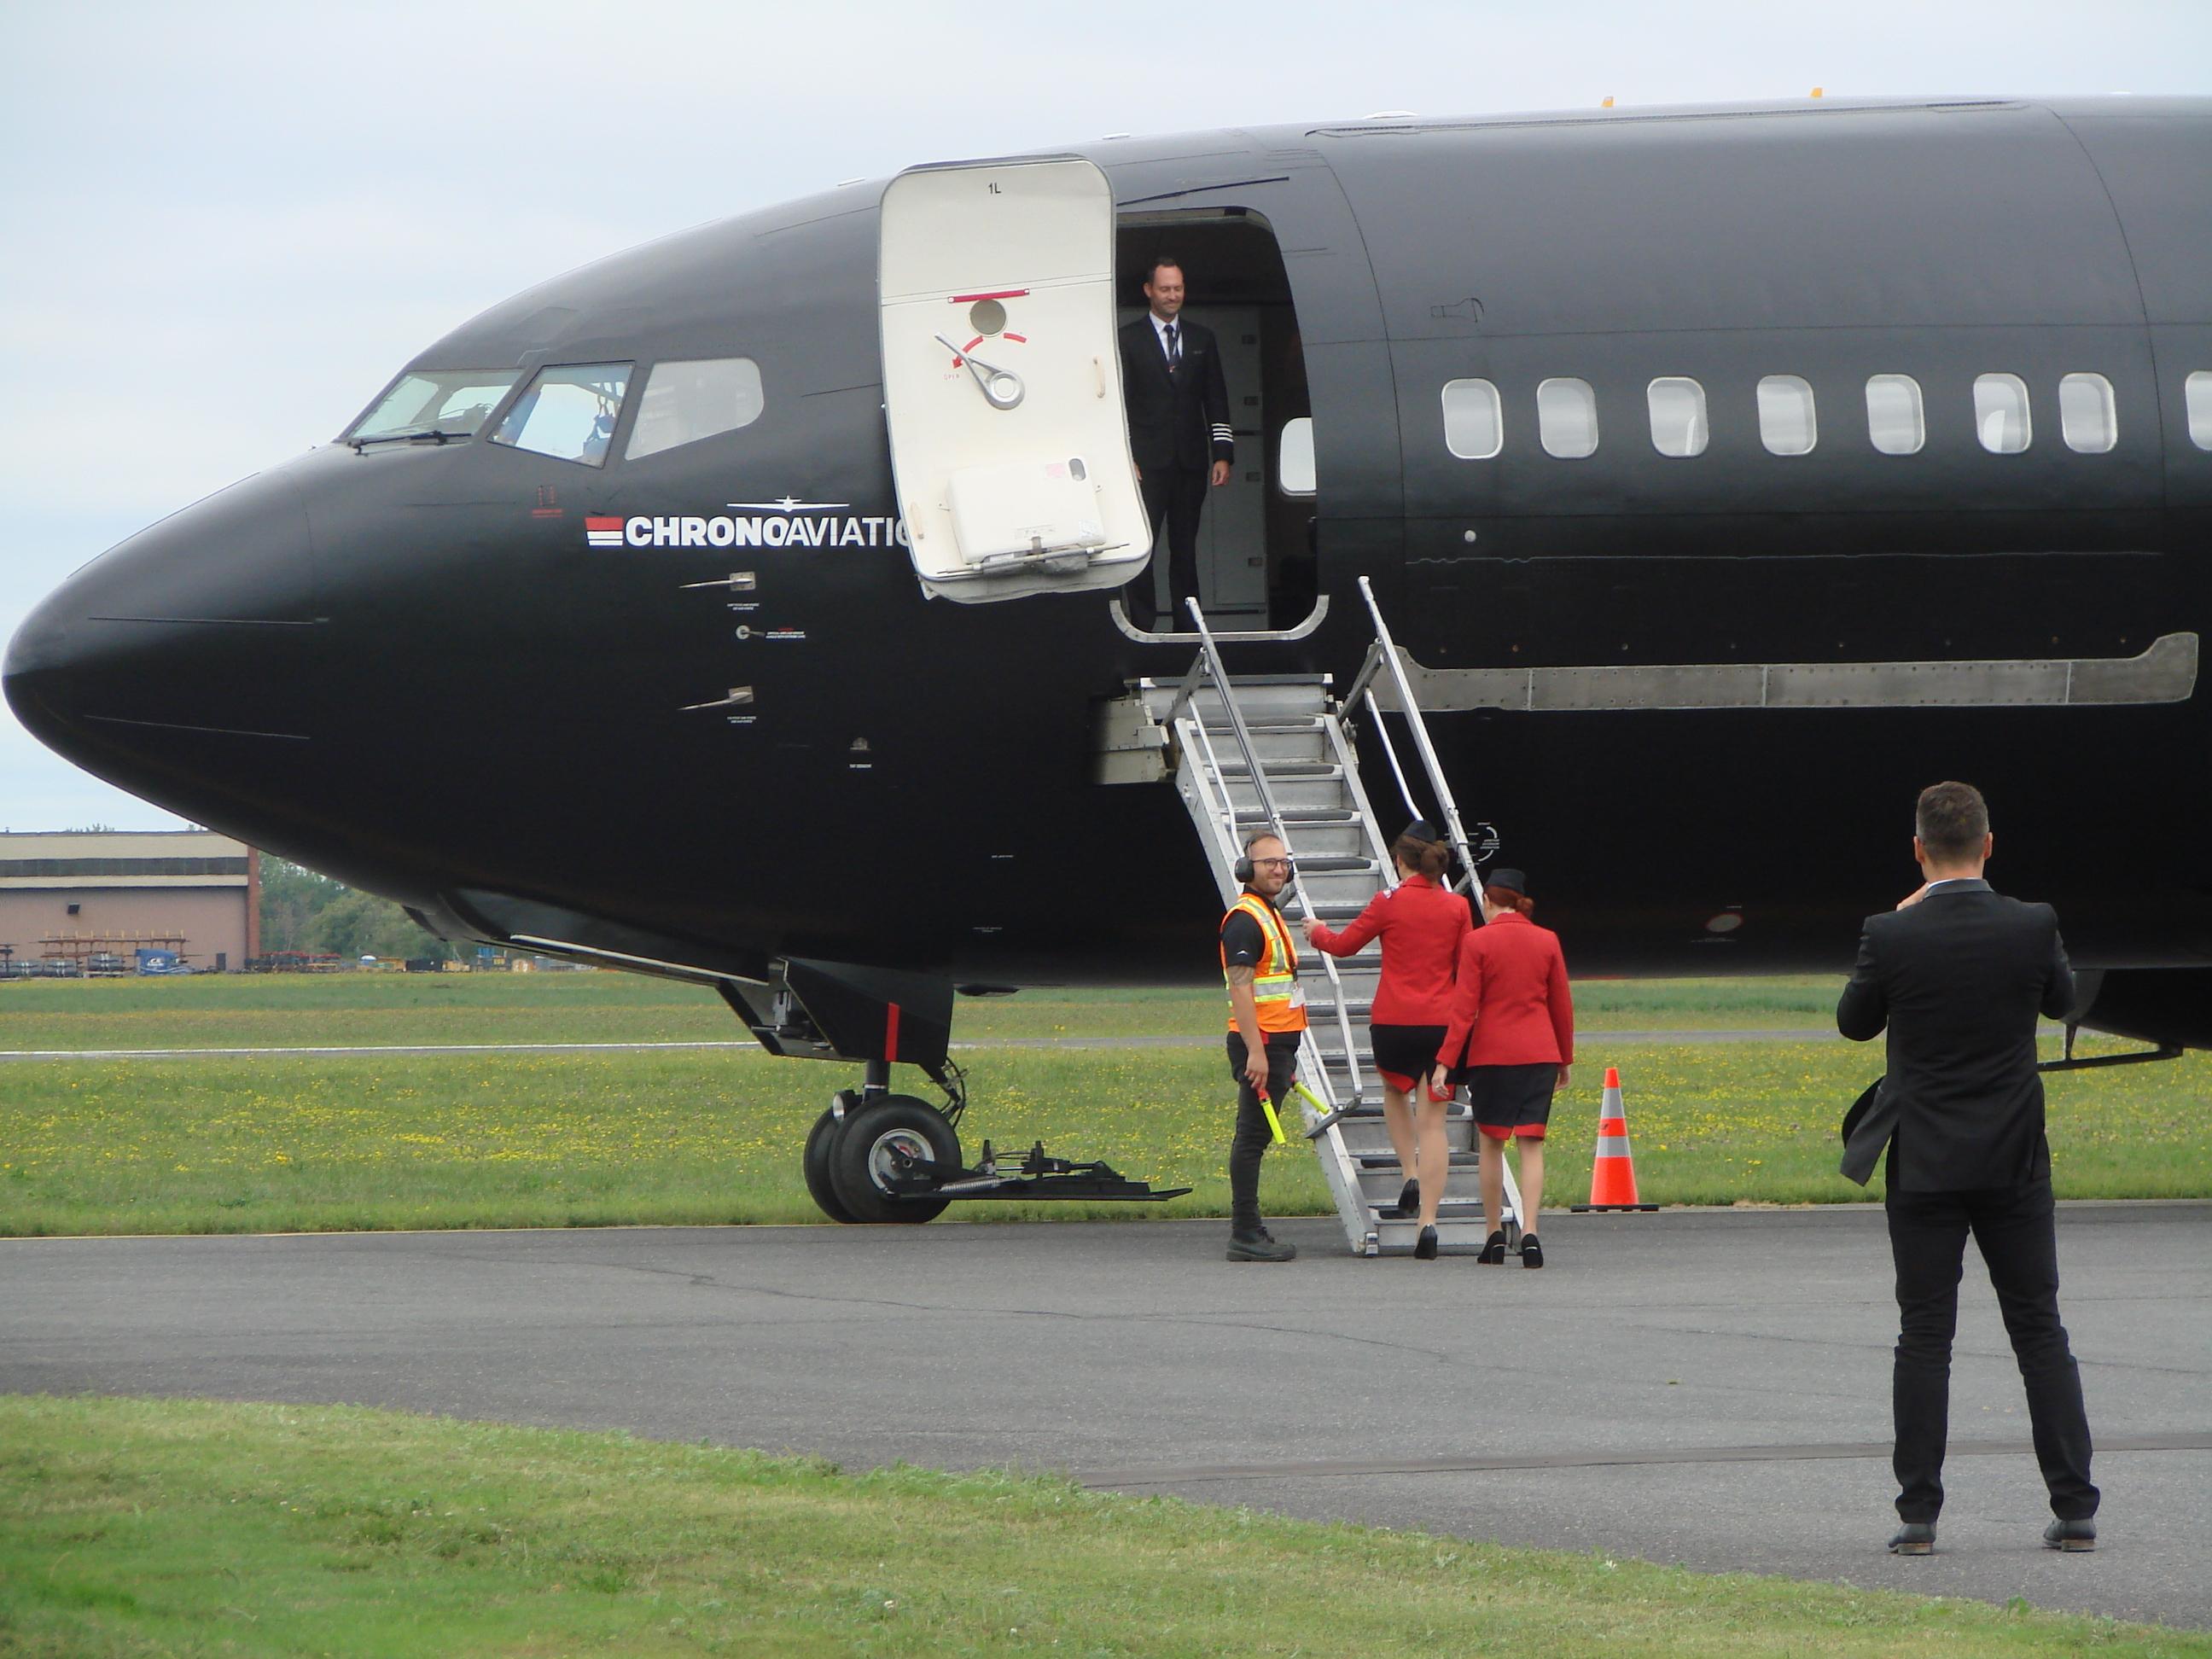 L'aéroport de Saint-Hubert peut maintenant accueillir des Boeing 737